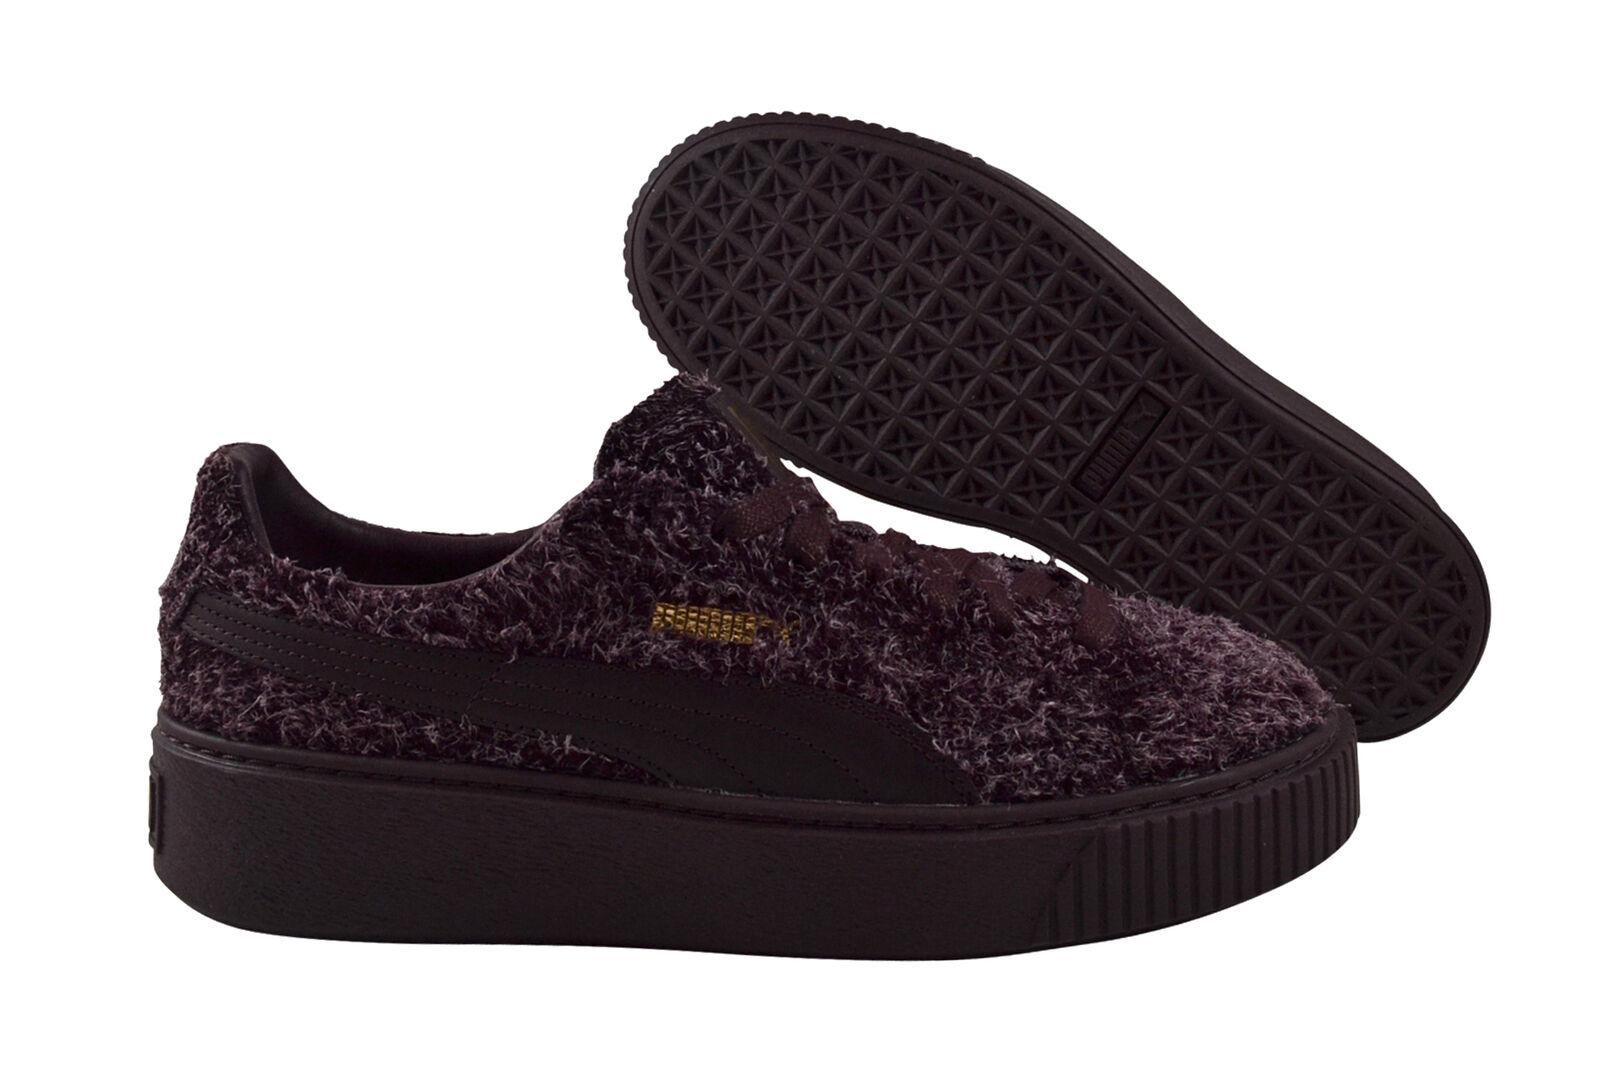 Puma suede Platform elemental winetasting cortos zapatos burdeos burdeos burdeos 362224 03 1d52dd